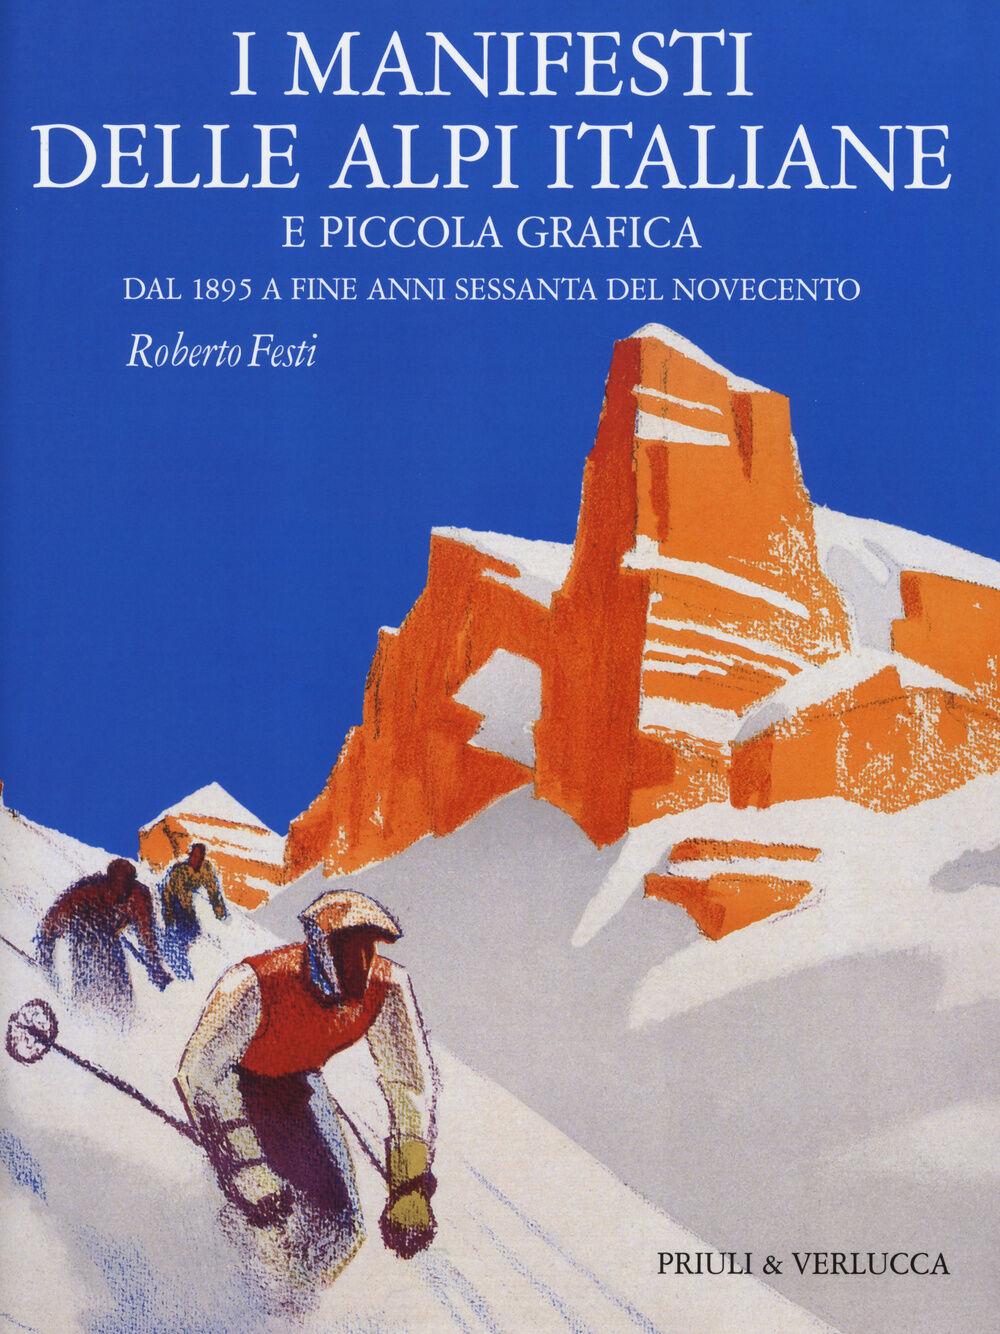 I manifesti delle Alpi italiane e piccola grafica dal 1895 a fine anni Sessanta del Novecento